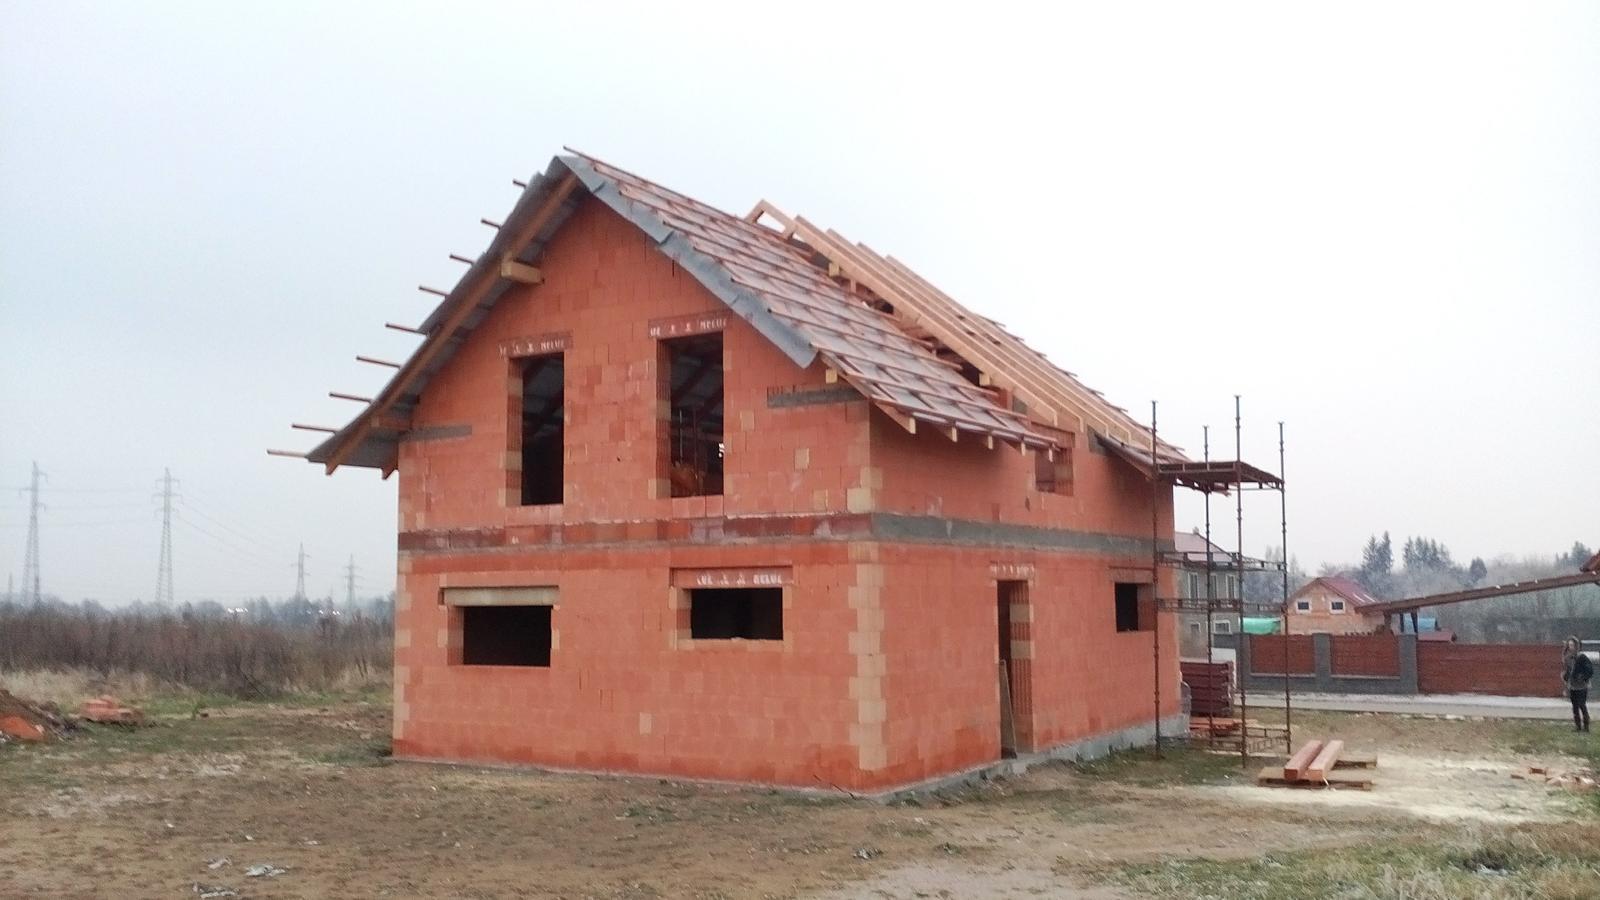 Stavba v kostce - Obrázek č. 24